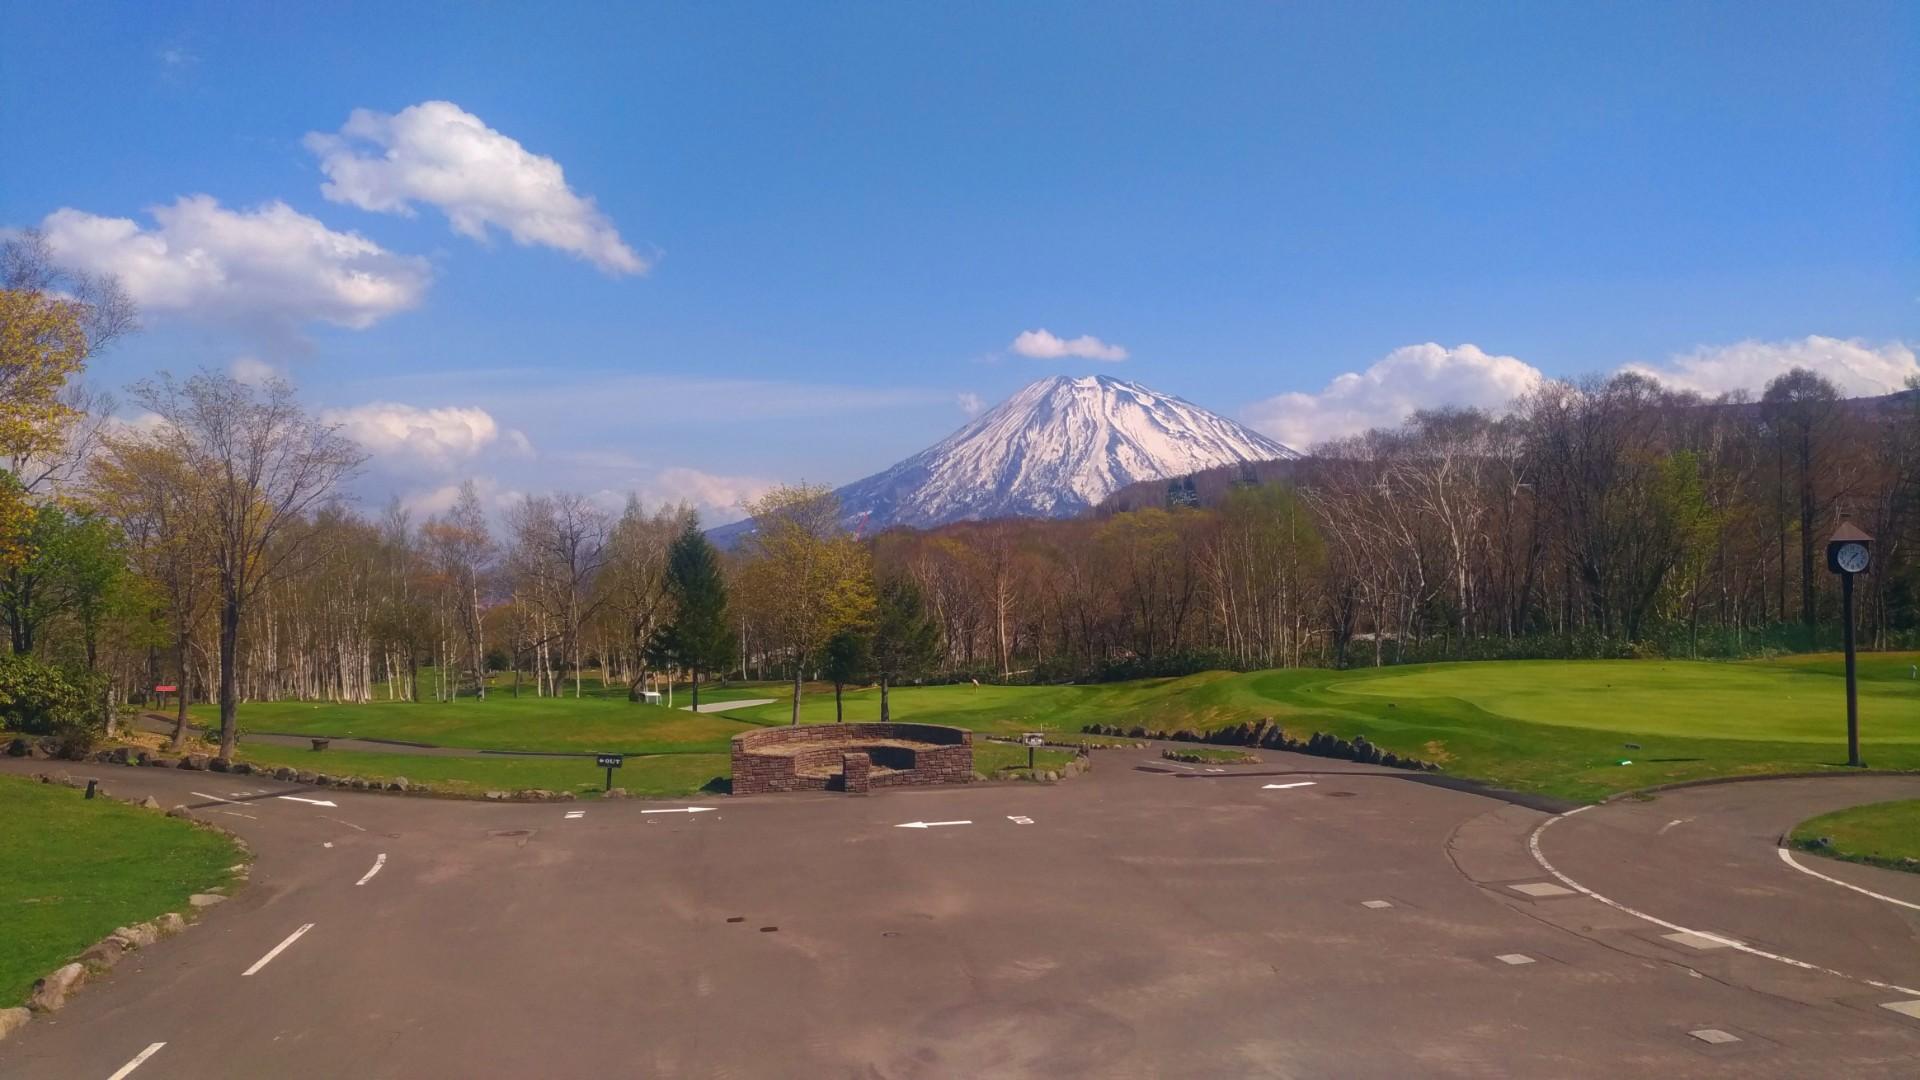 クラブハウスから見える羊蹄山